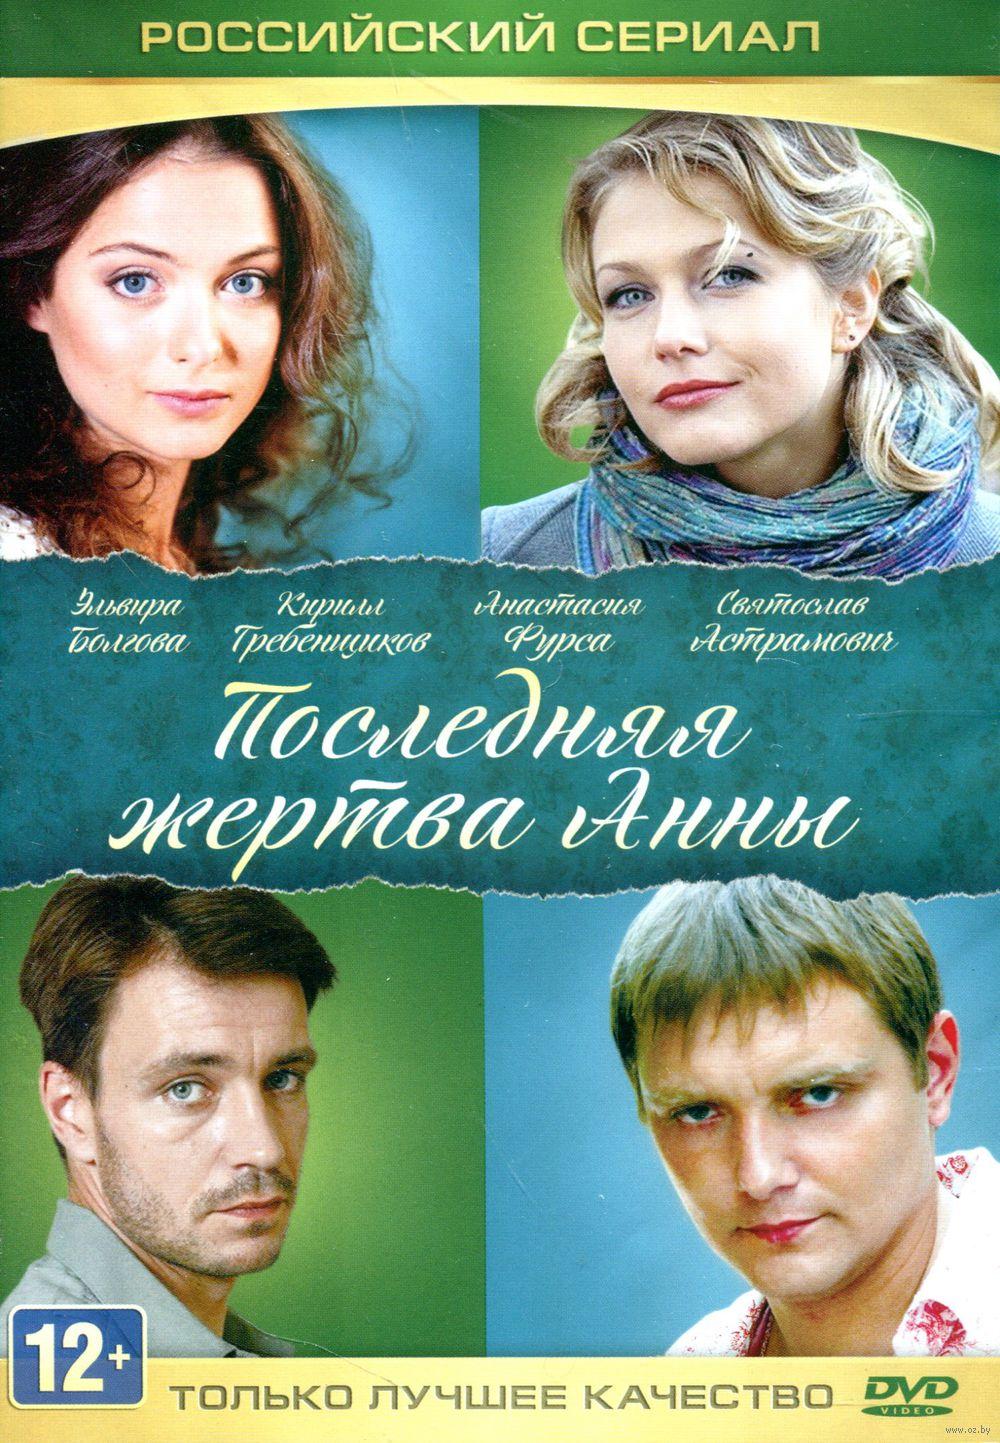 Российские фильмы про любовь смотреть бесплатно онлайн в